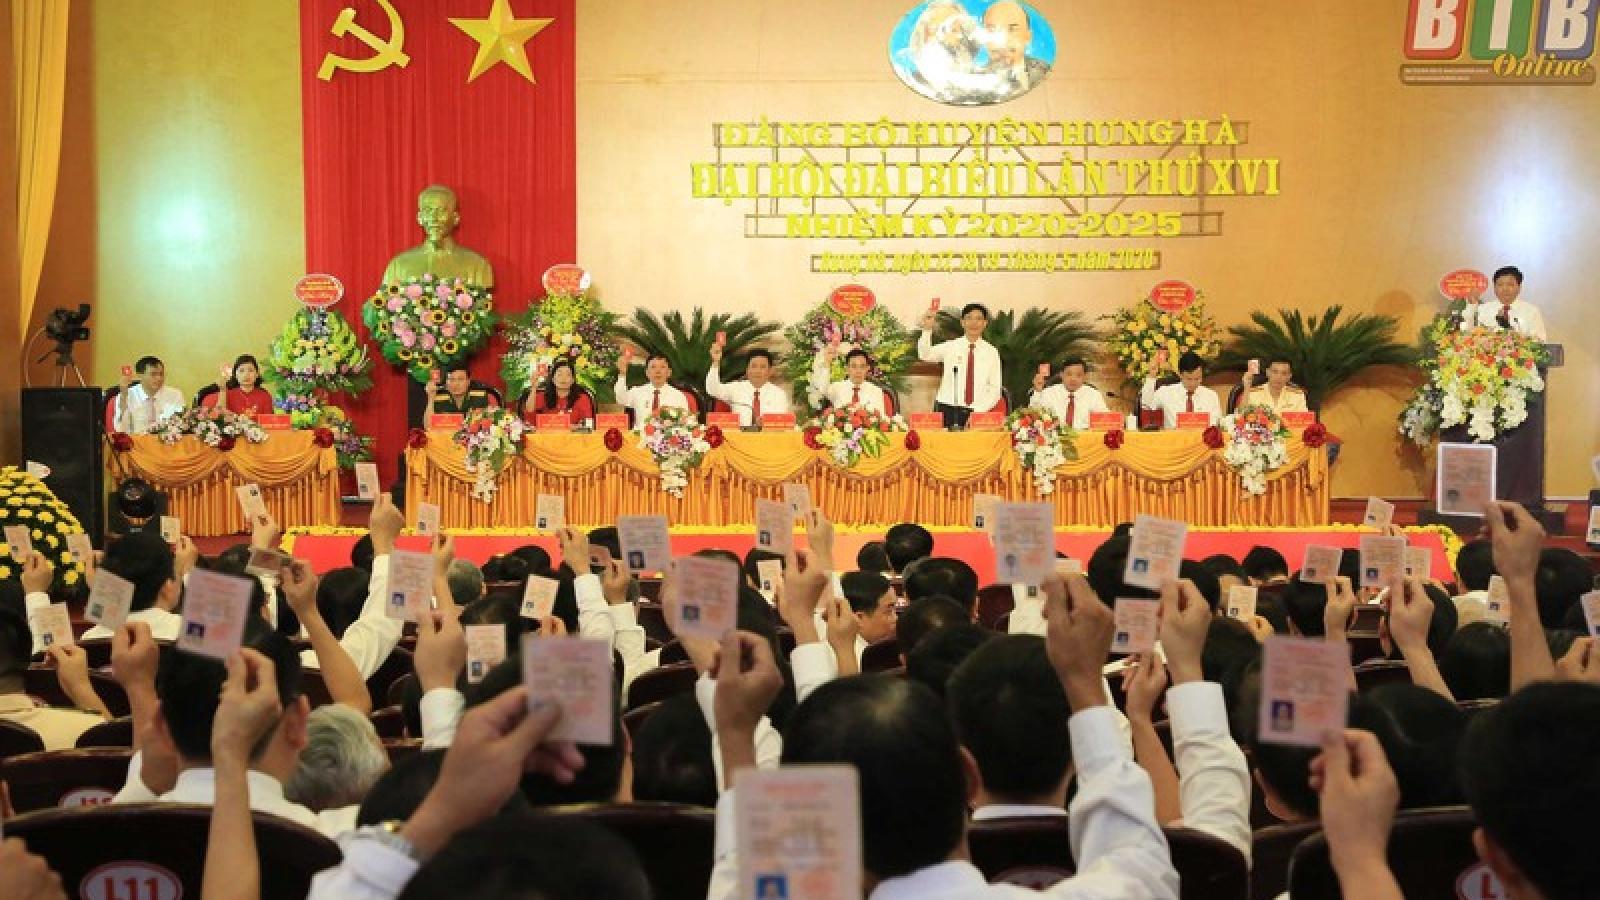 Thái Bình hoàn thành đại hội đảng bộ cơ sở sớm hơn kế hoạch 1 tháng